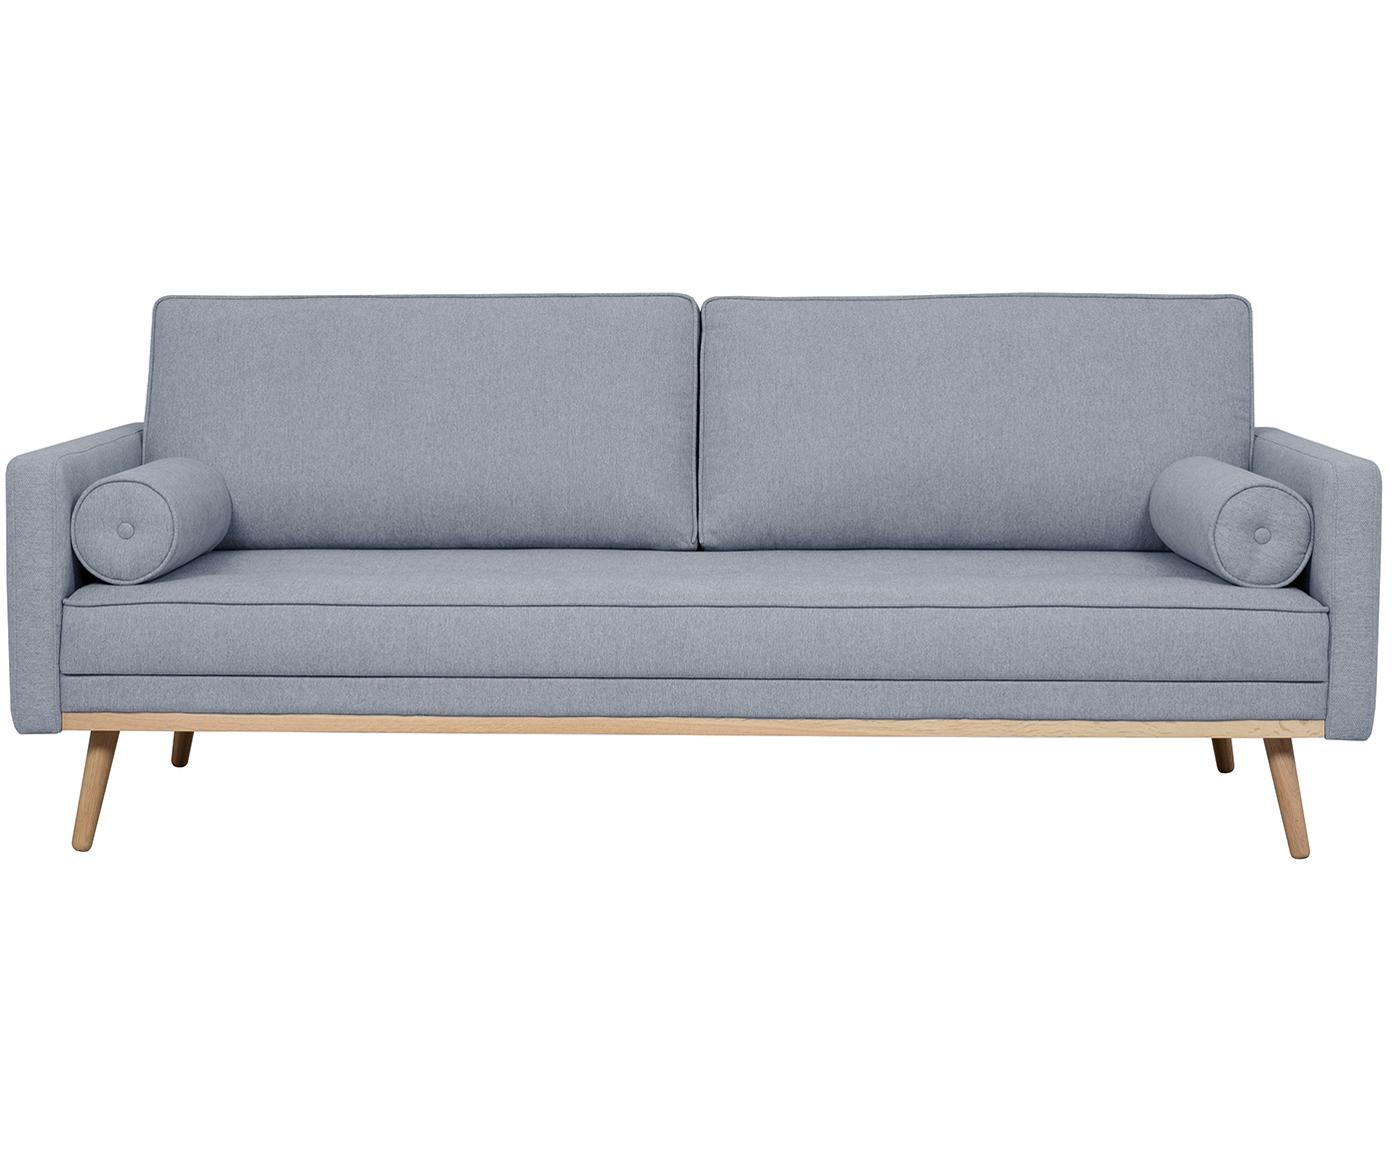 Divano 3 posti in tessuto blu grigio Saint, Rivestimento: poliestere 50.000 cicli d, Struttura: legno di pino massiccio, , Blu grigio, Larg. 210 x Alt. 70 cm